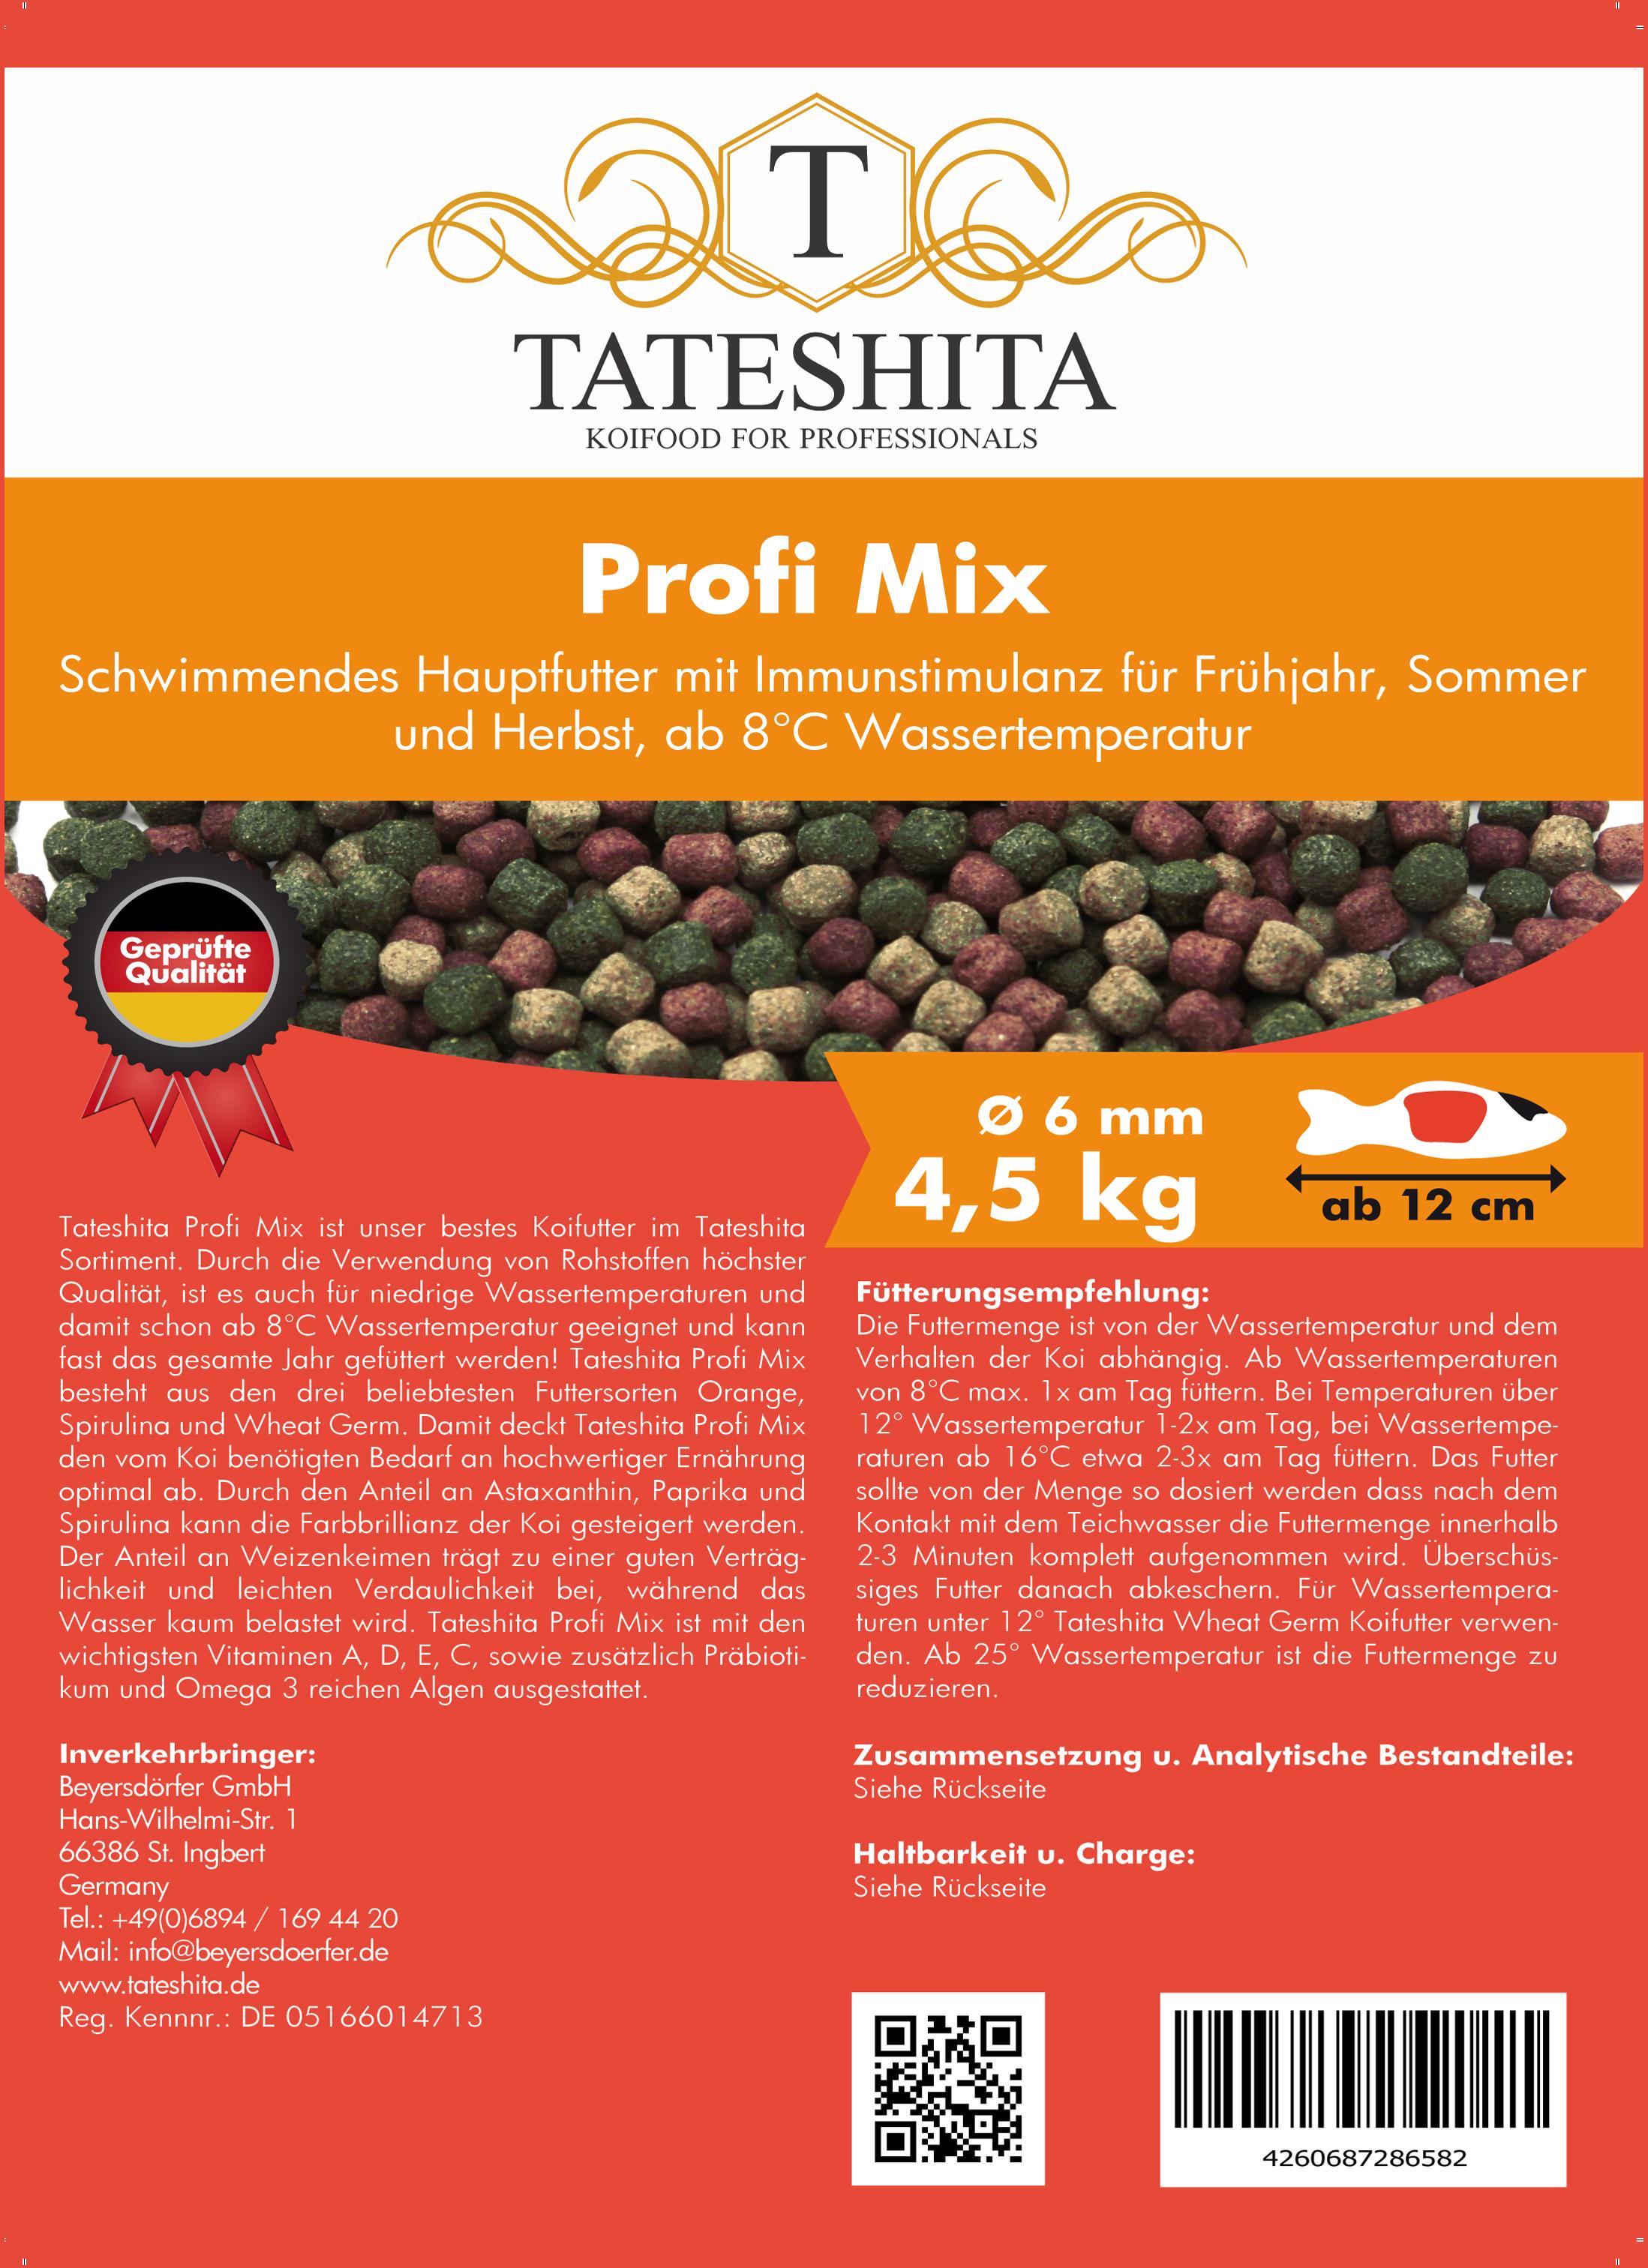 Tateshita Profi Mix 4,5 Kg 6 mm